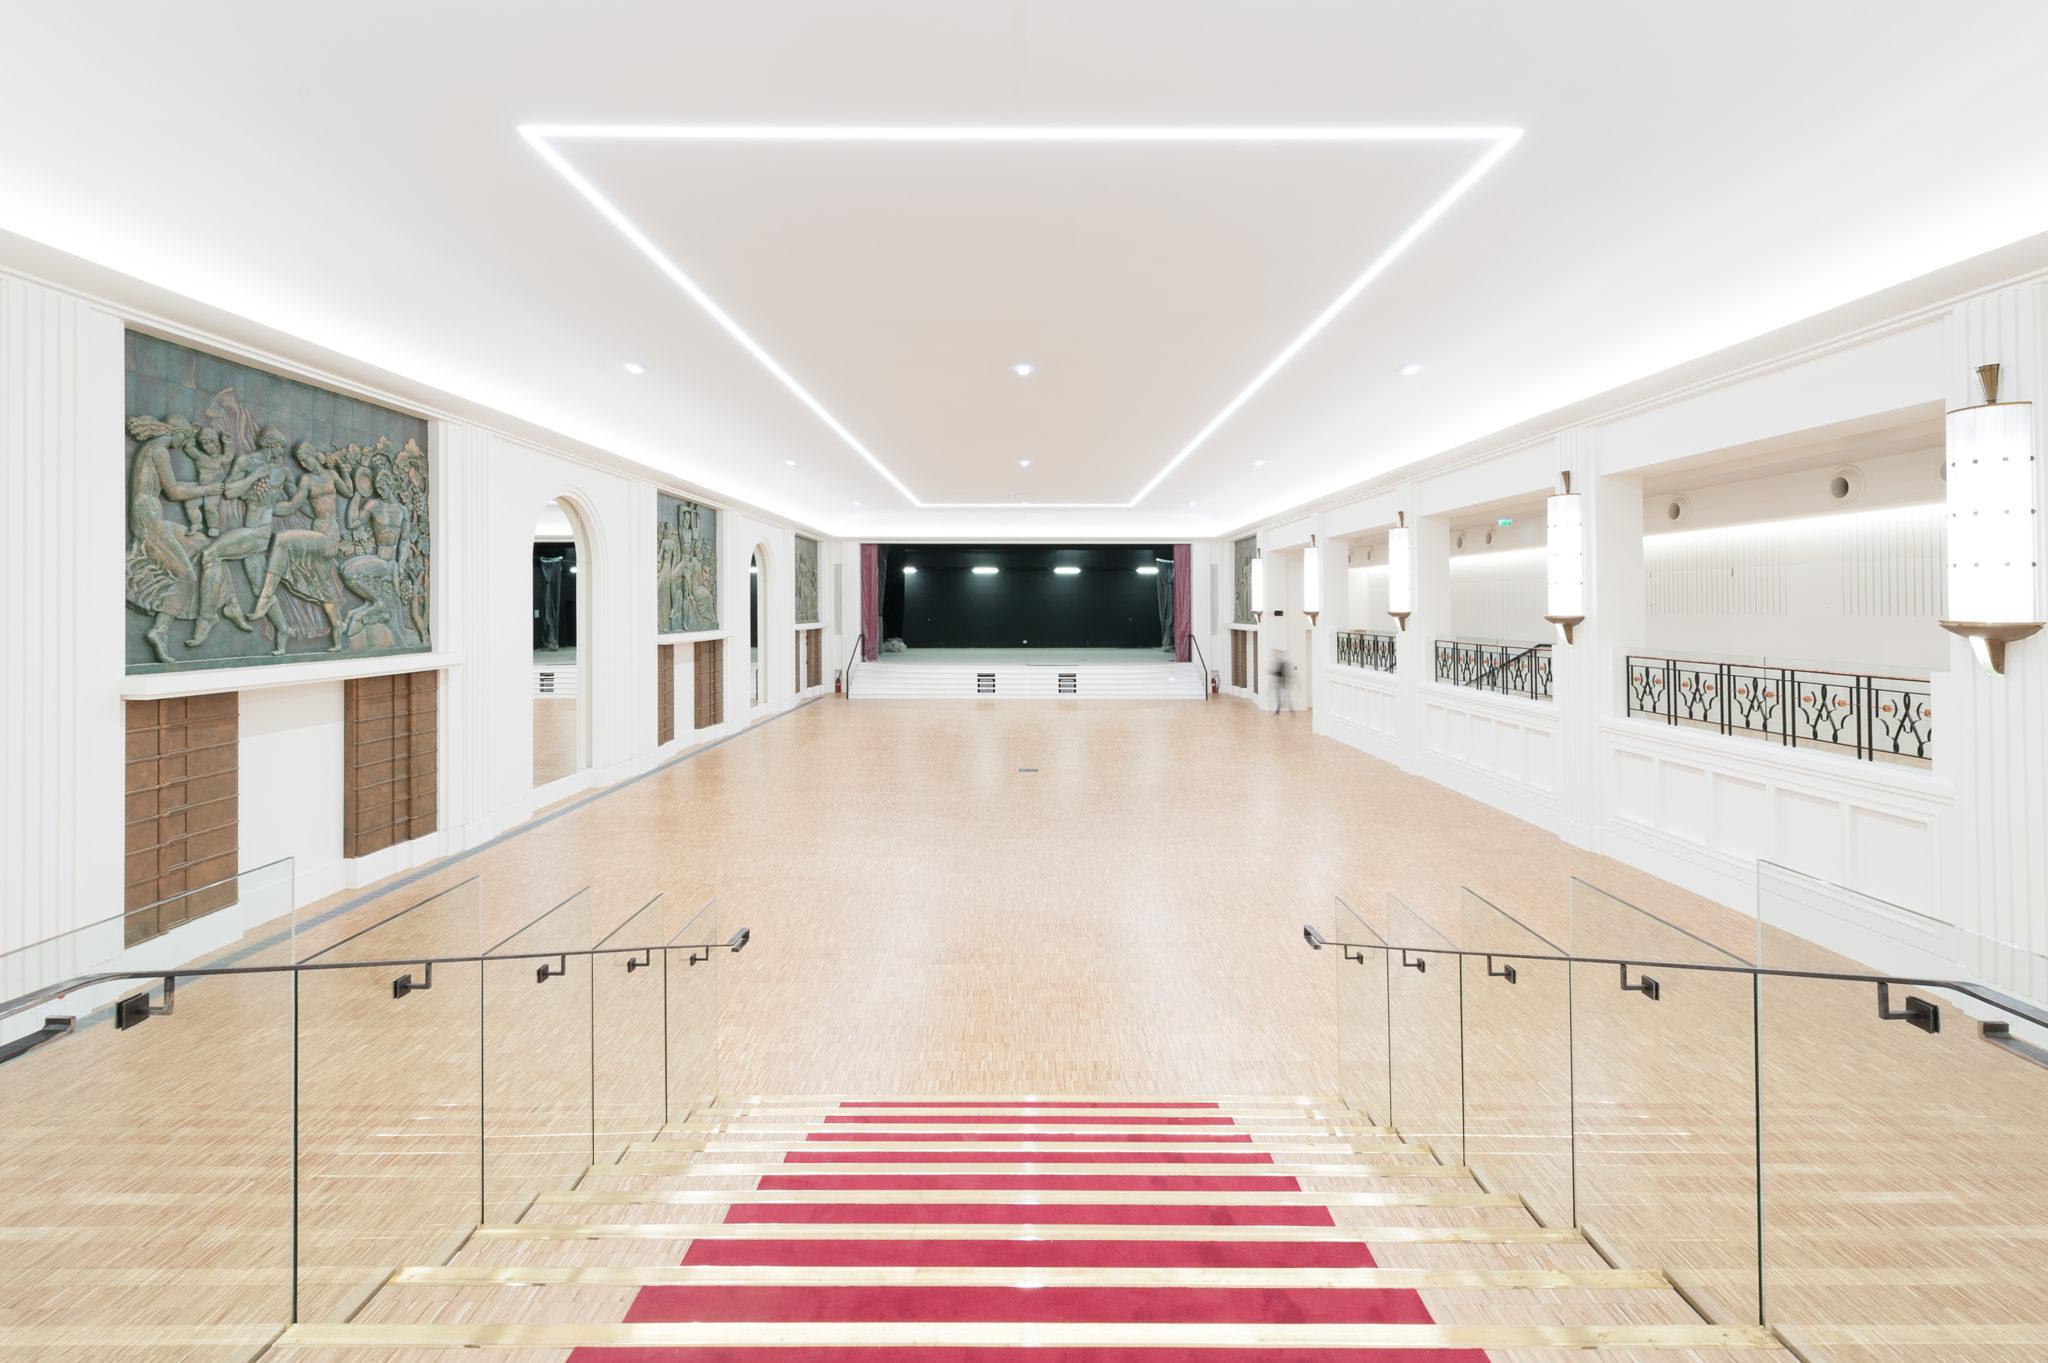 Le Nouveau Salon Mauduit Rendu Aux Nantais Nantes Metropole Amenagement